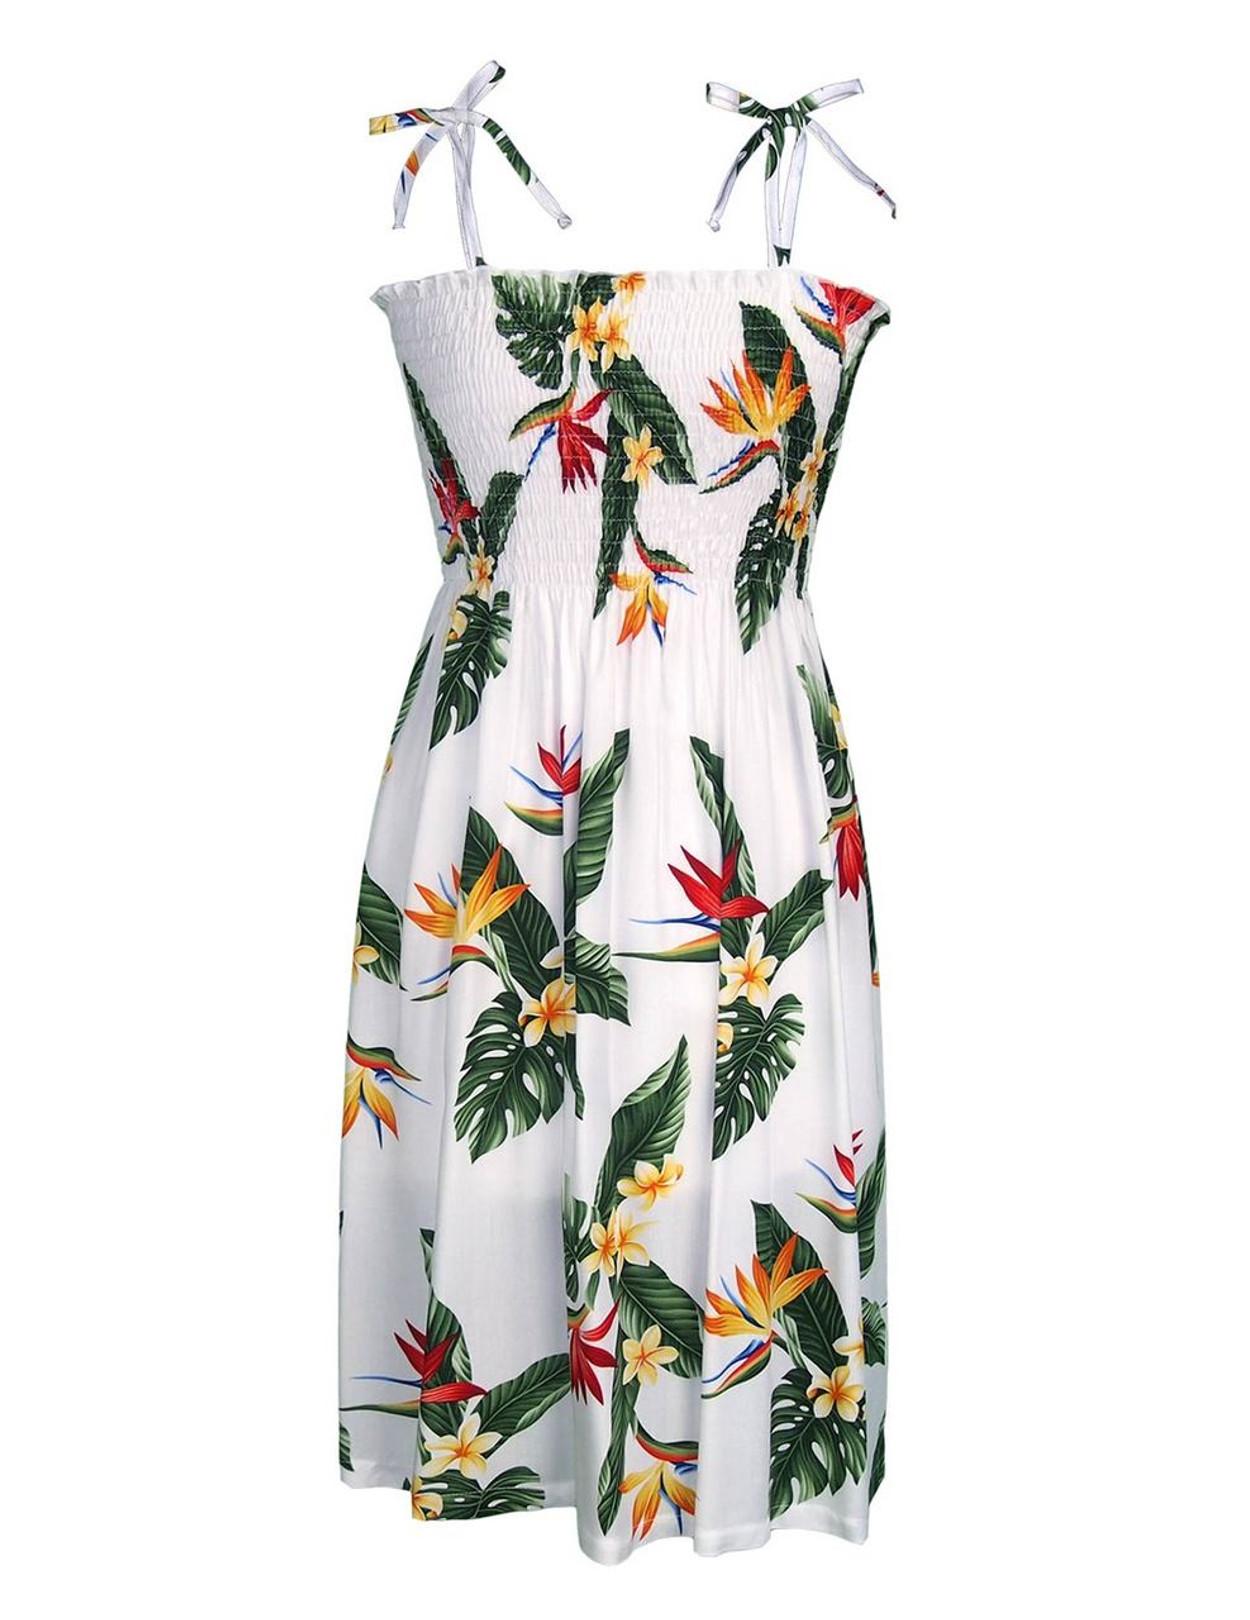 e593bb627ca Smocked Hawaiian Dress Birds of Paradise 100% Rayon Fabric Smock Tube Top  Dress Style Tie